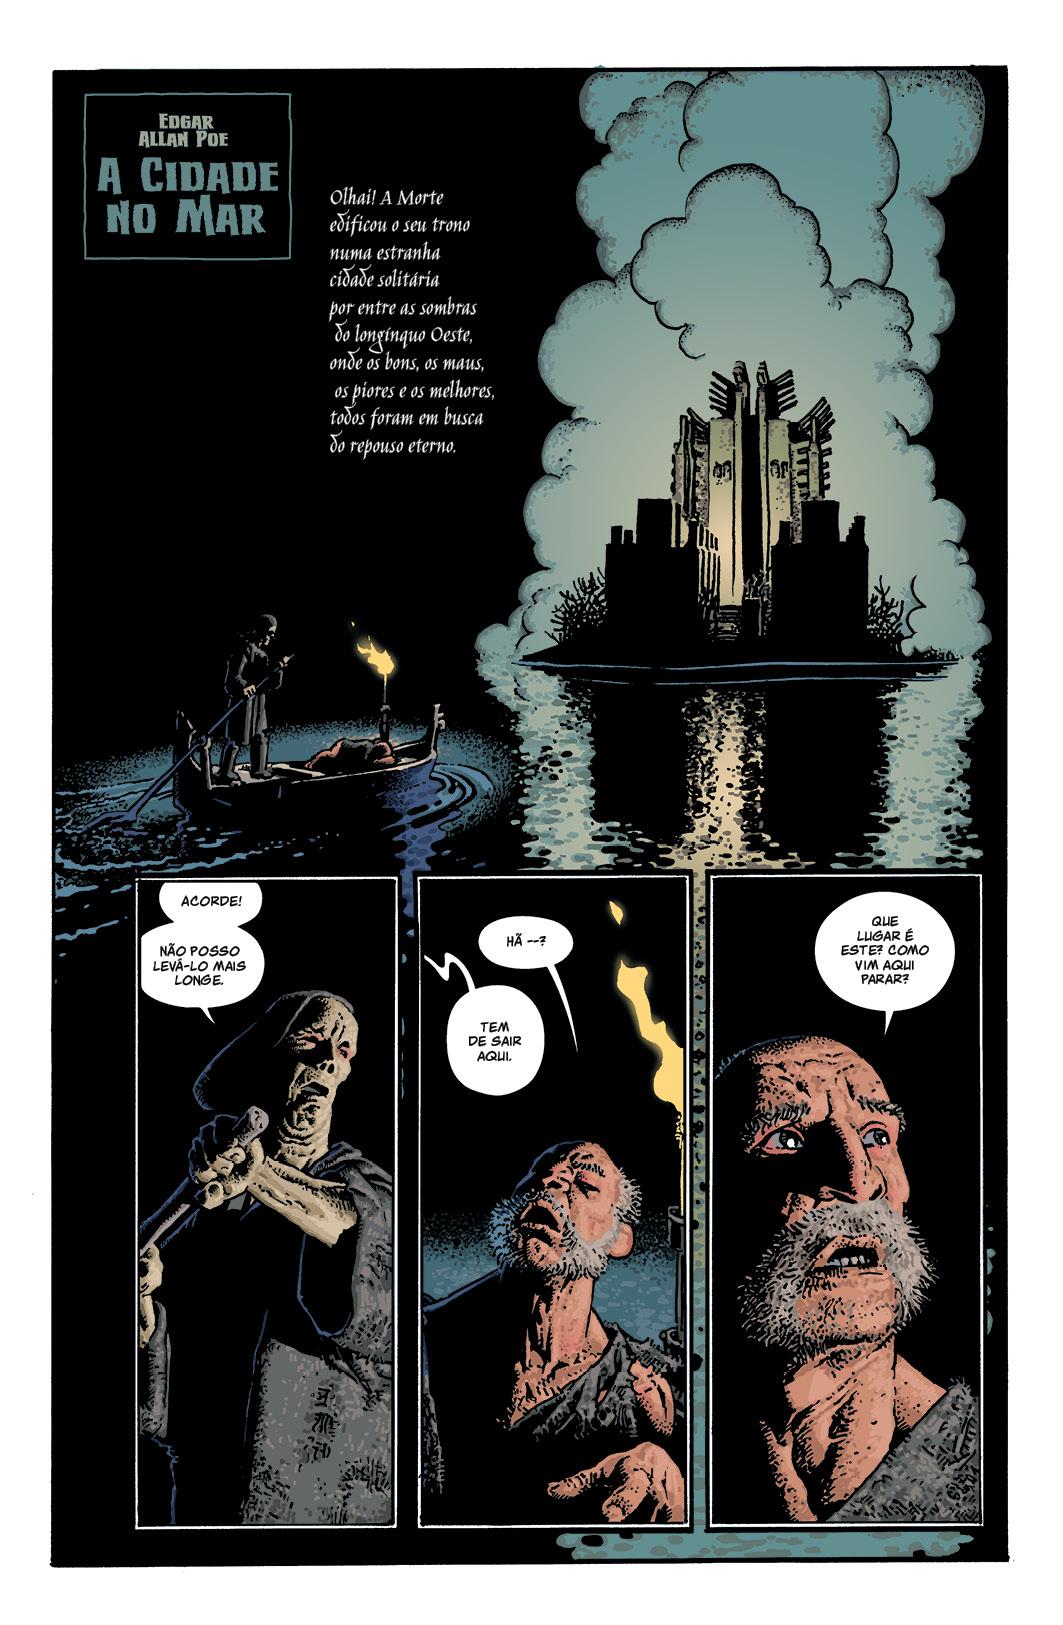 Espíritos dos Mortos, de Edgar Allan Poe